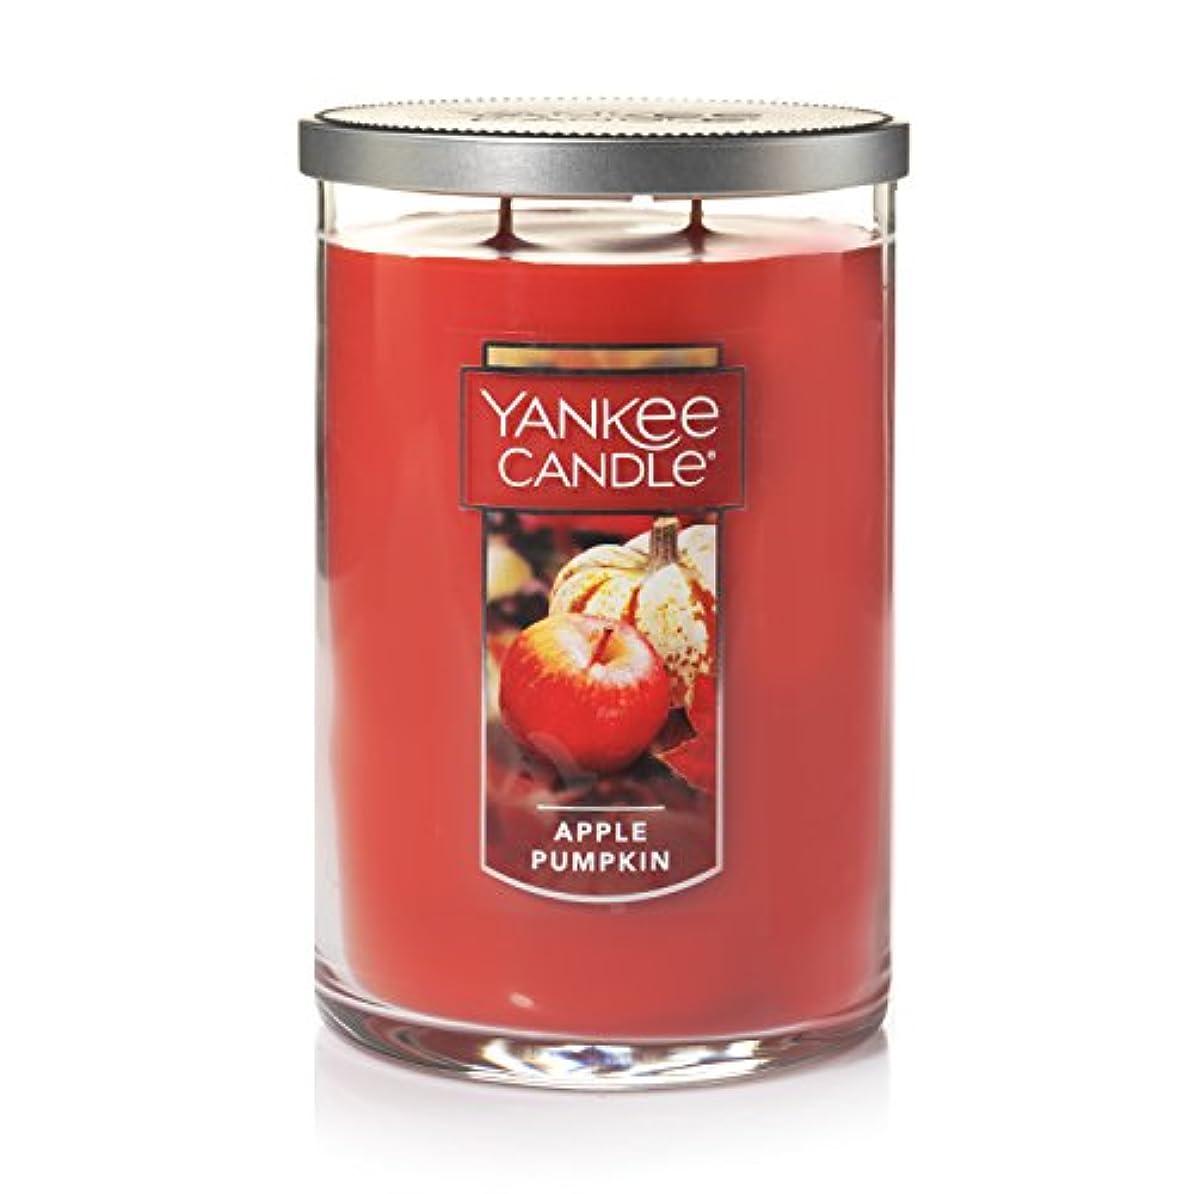 不潔名前で対応するYankee Candle Lサイズジャーキャンドル Large 2-Wick Tumbler Candle レッド 1244656Z